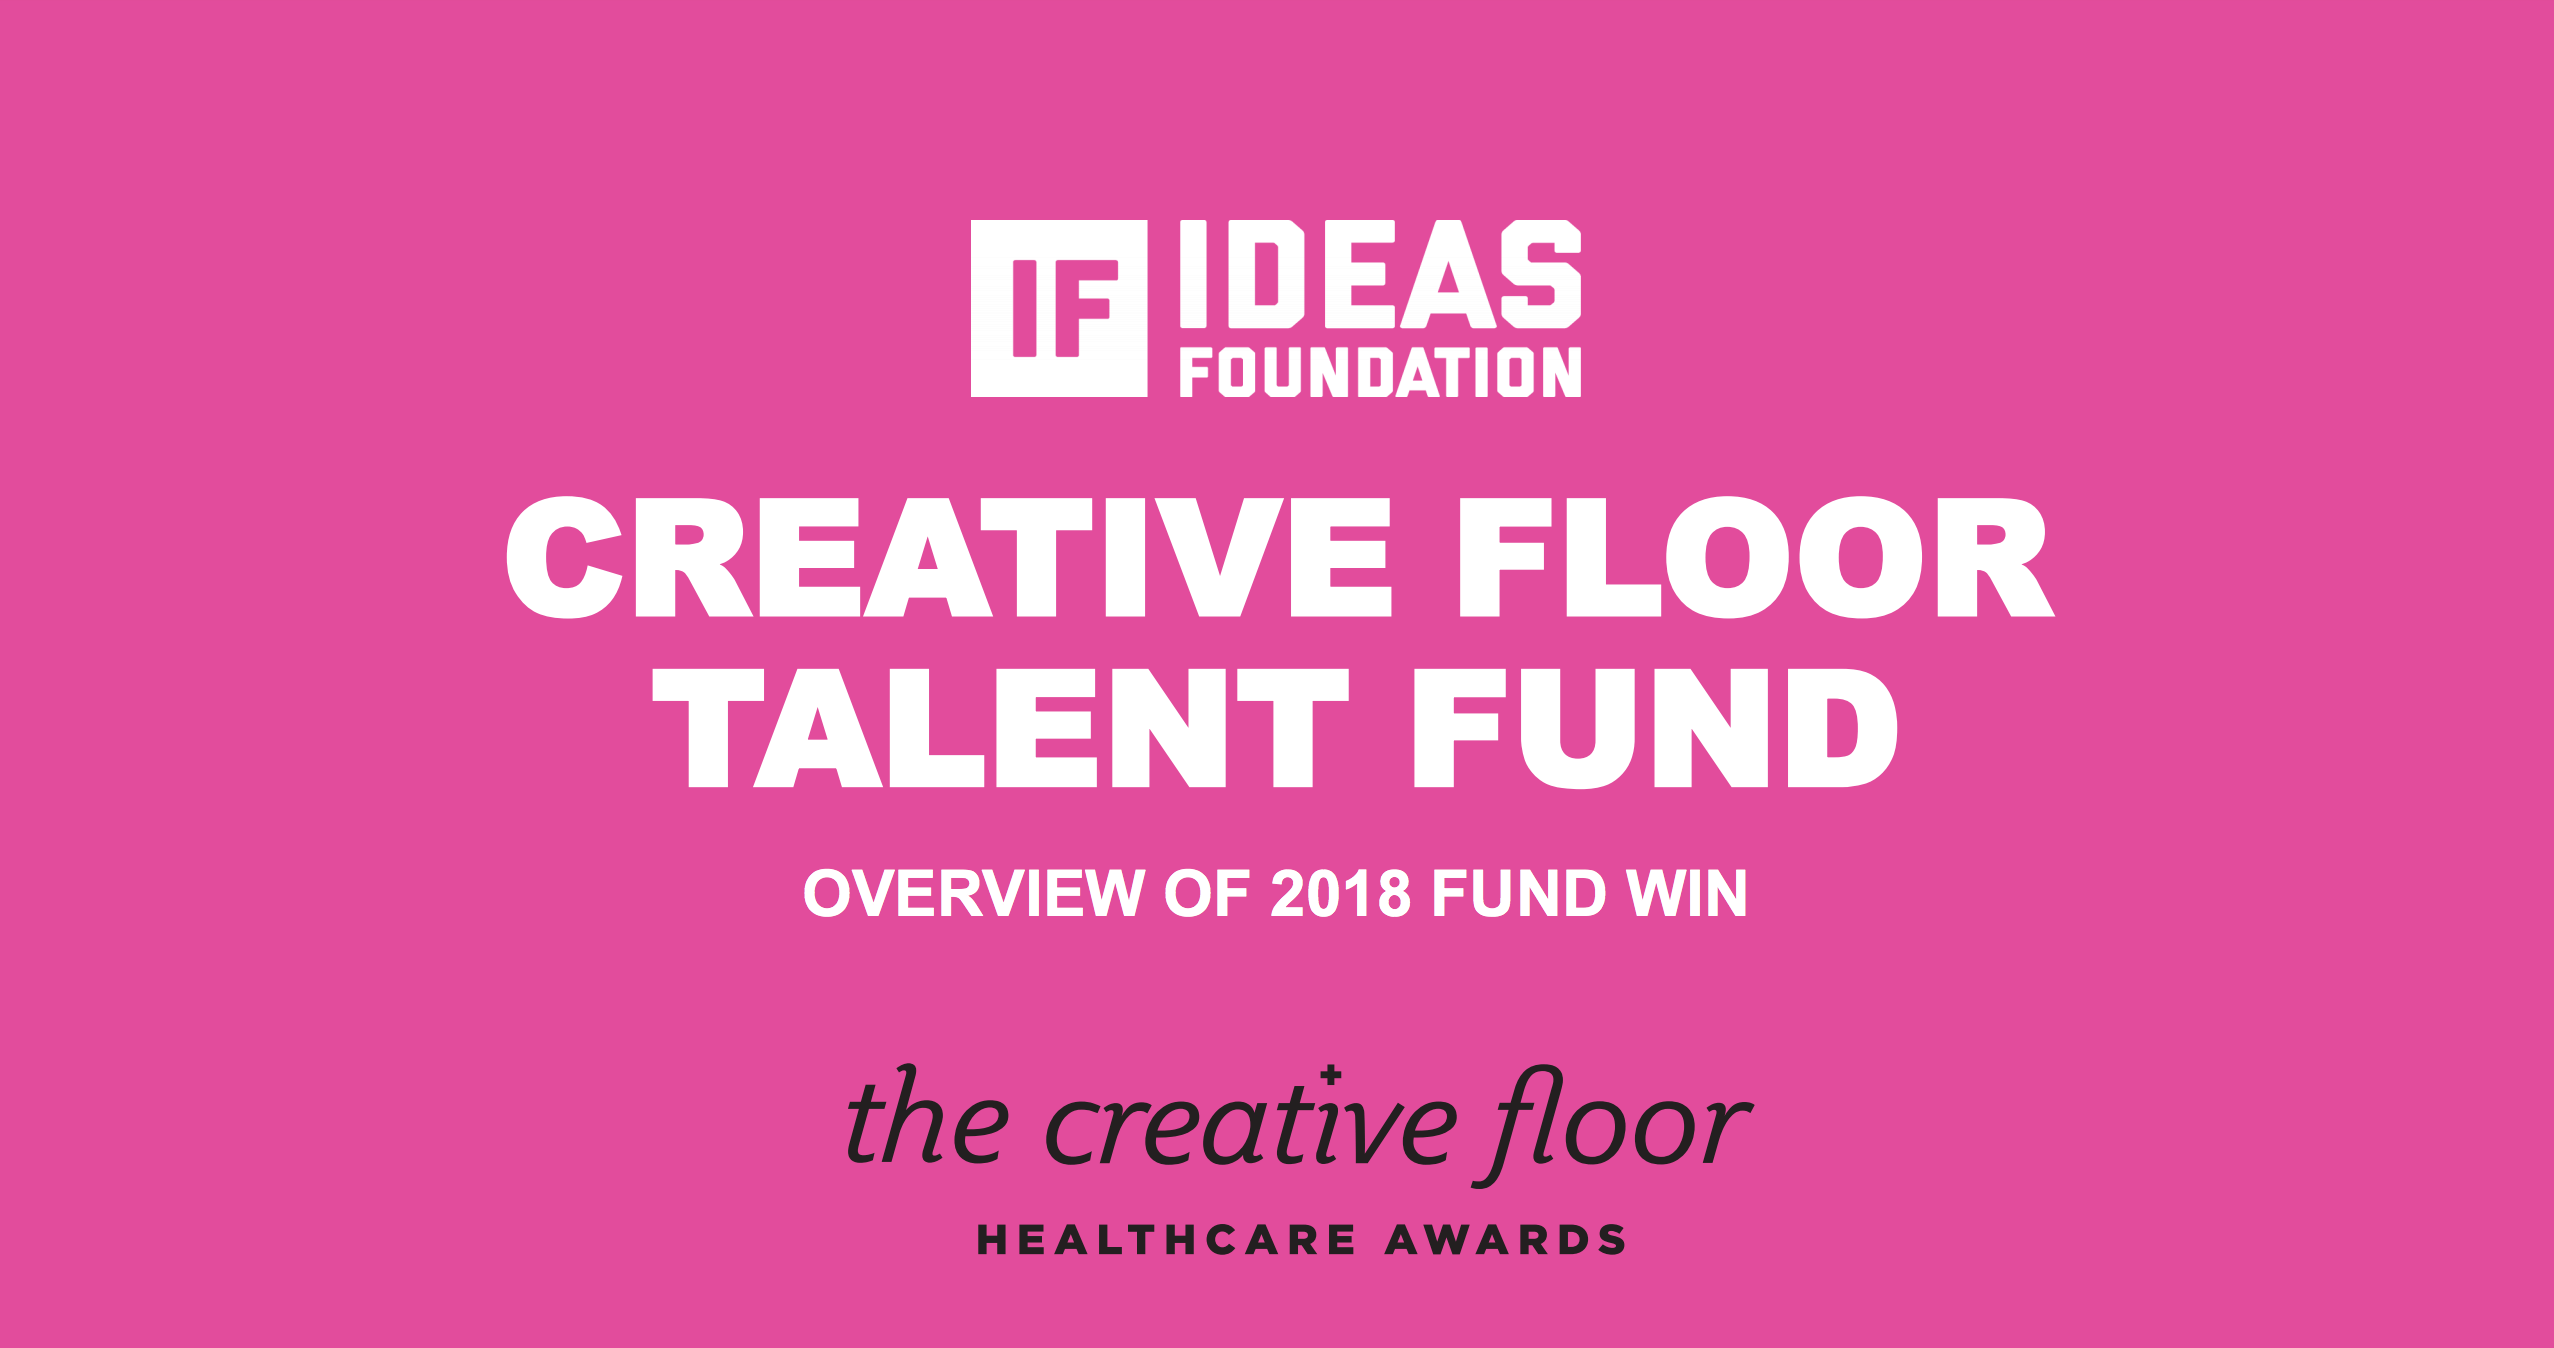 The Ideas Foundation